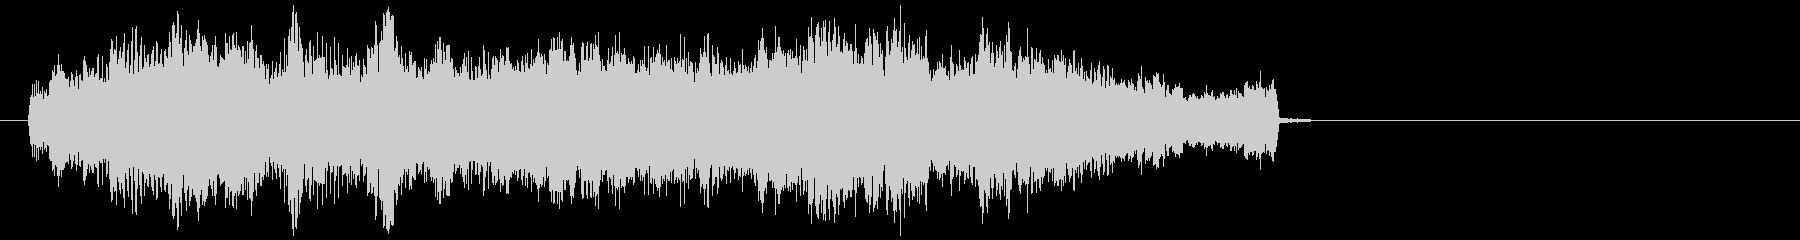 オープニング、アンビエント、ダーク_01の未再生の波形